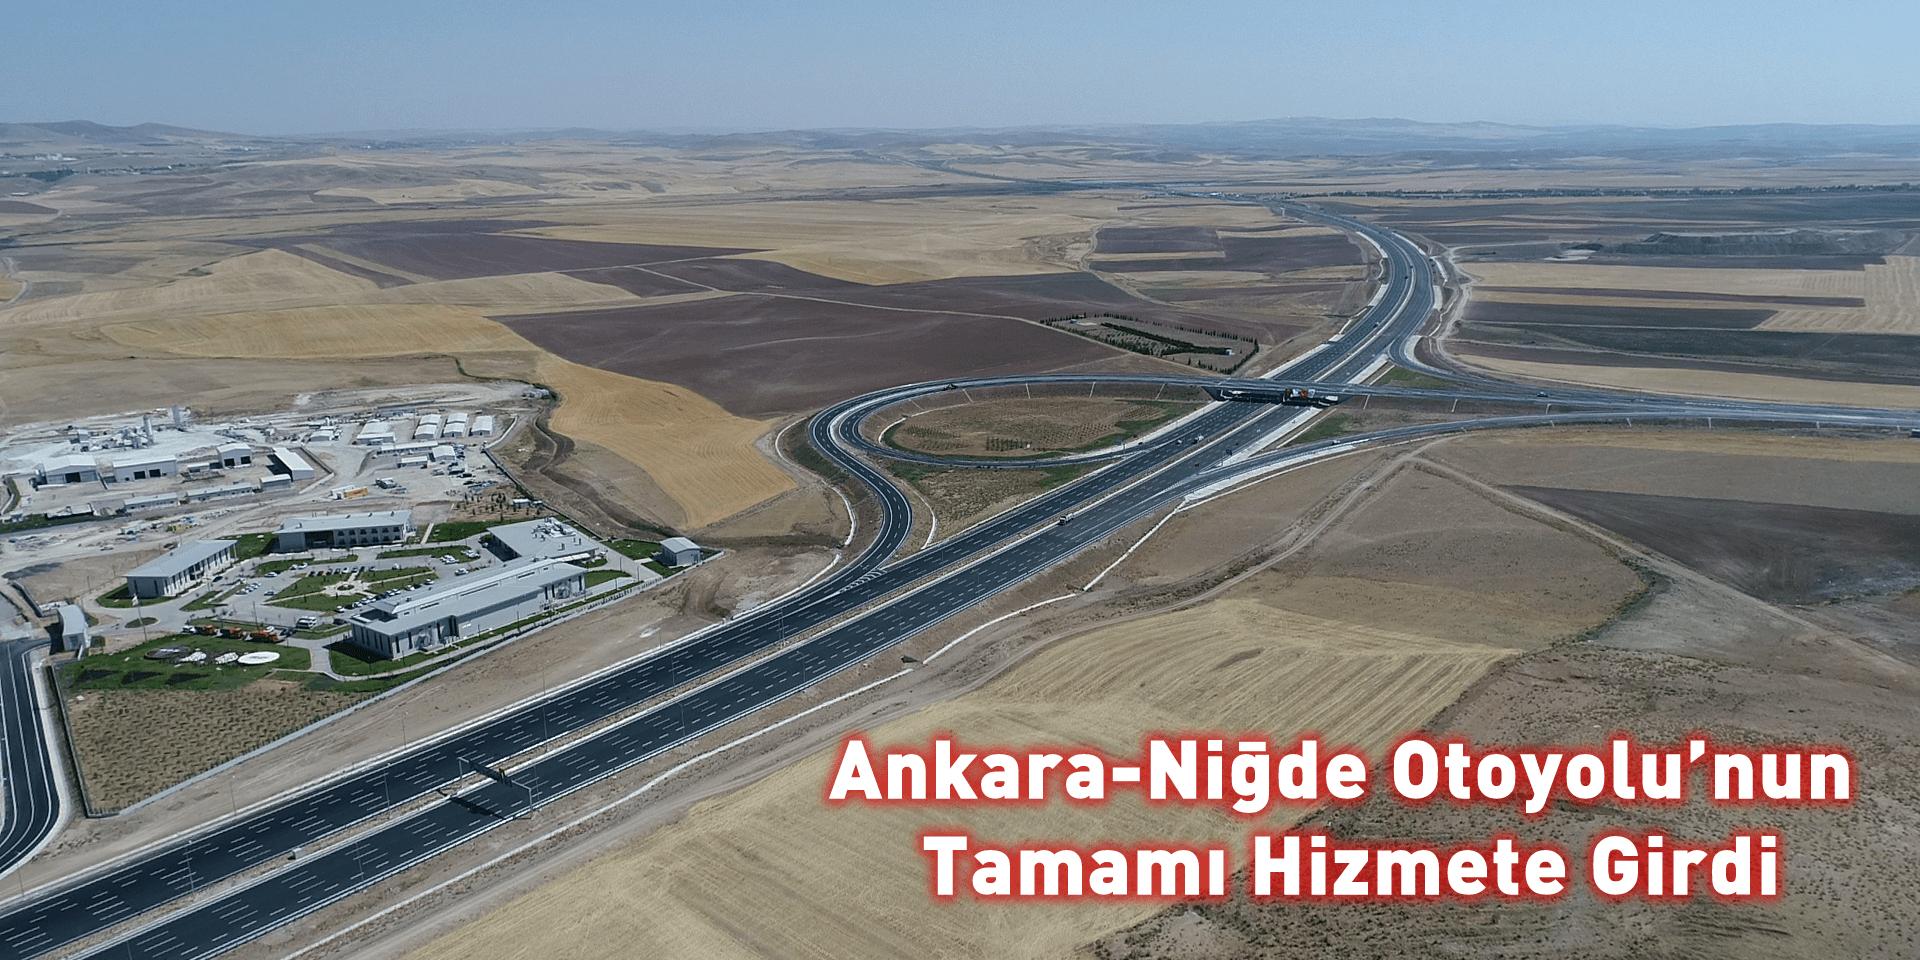 Ankara-Niğde Otoyolu'nun Tamamı Hizmete Girdi…